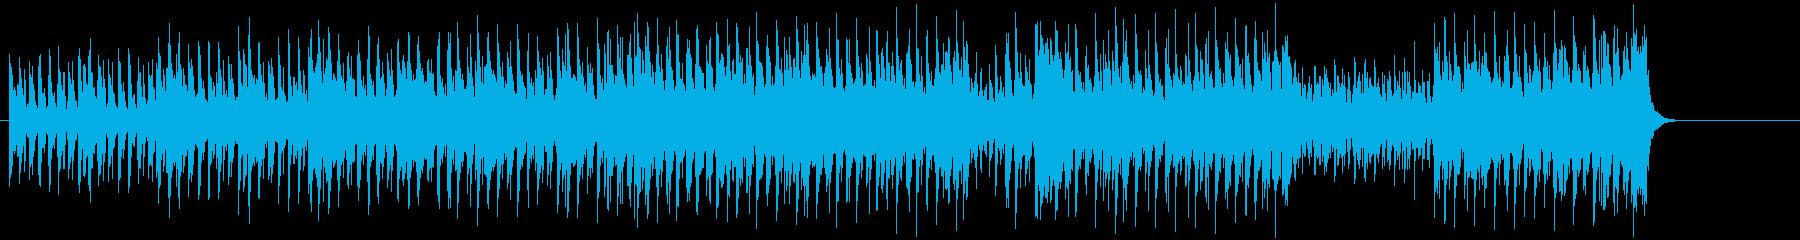 タイトでクールなハウス風POPの再生済みの波形